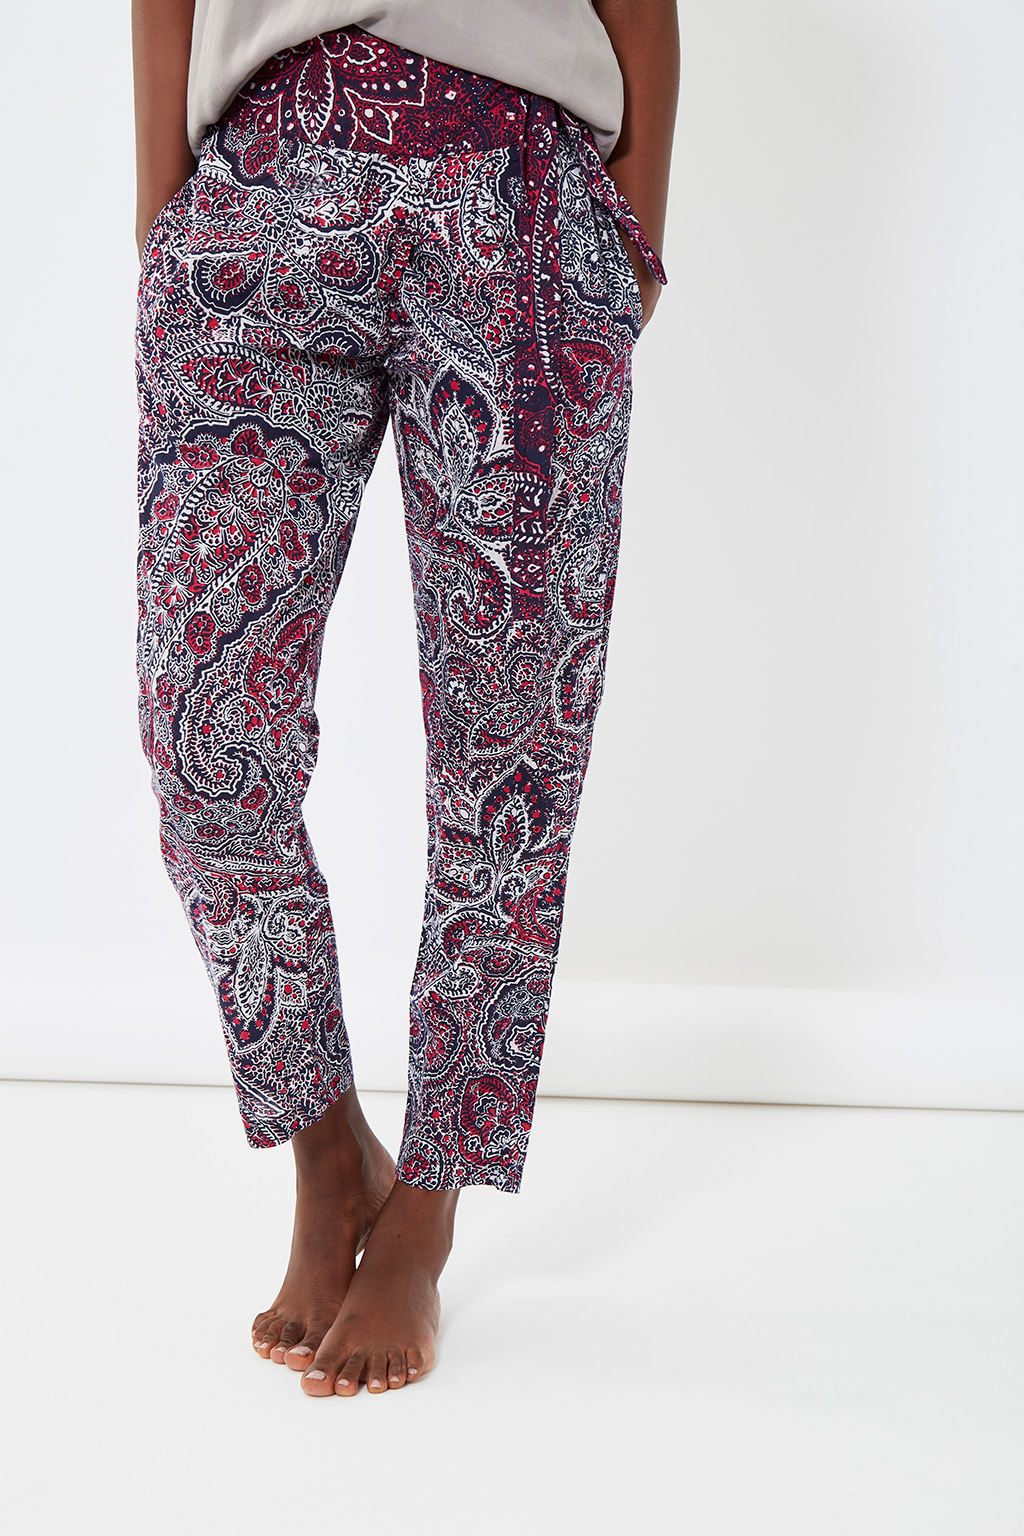 Vente privée femme Oysho lingerie, homewear et sport, pantalon de nuit à motif bordeaux